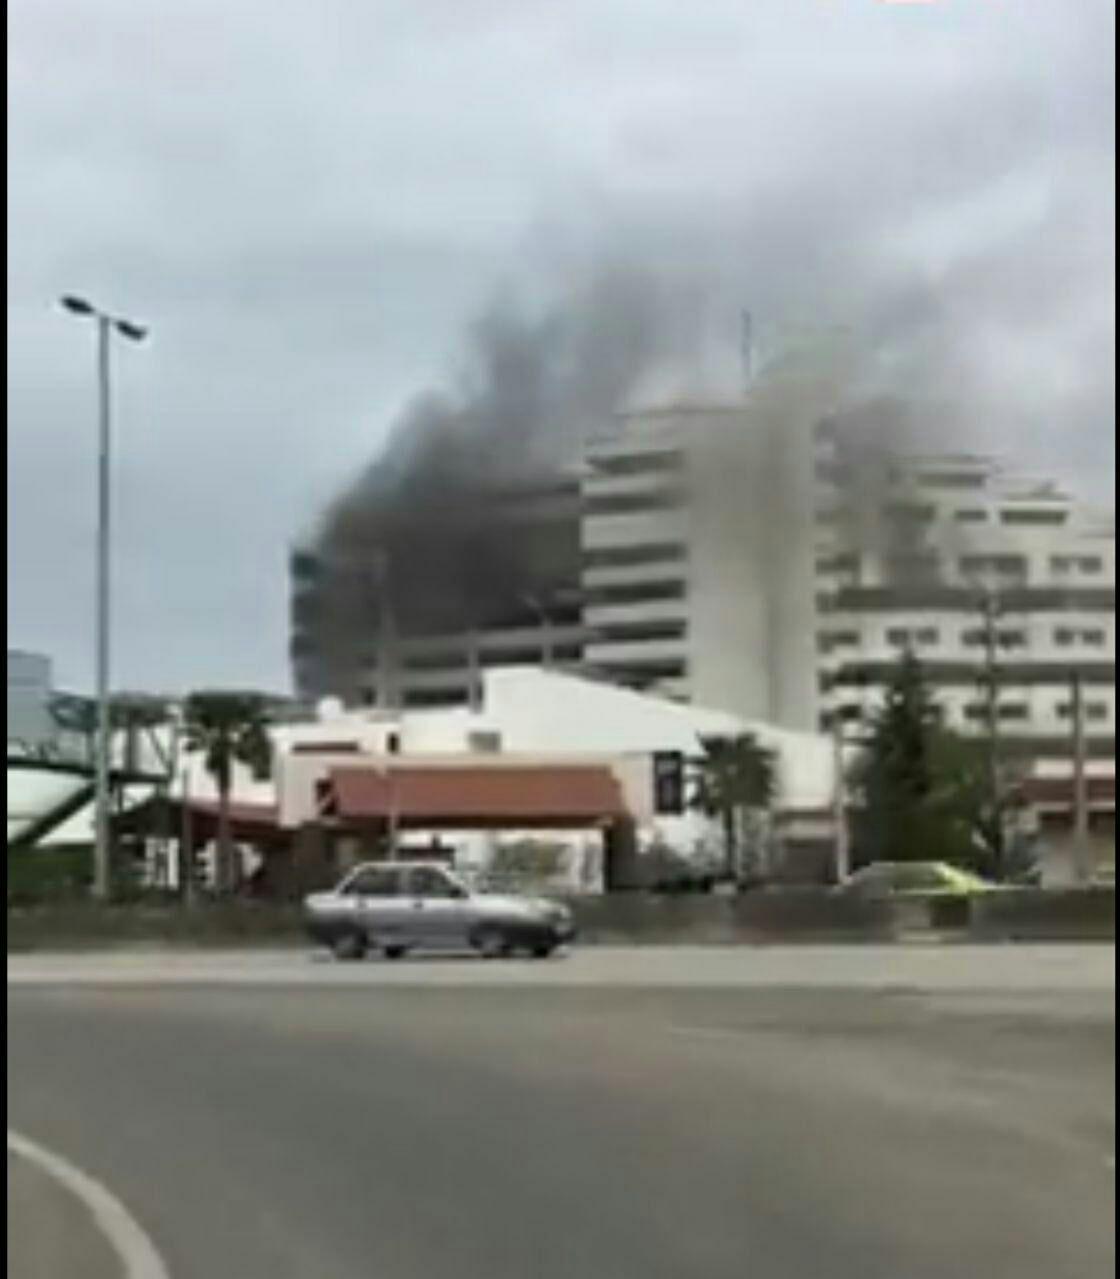 جزئیات آتش سوزی هتلی در نوشهر با یک کشته +عکس